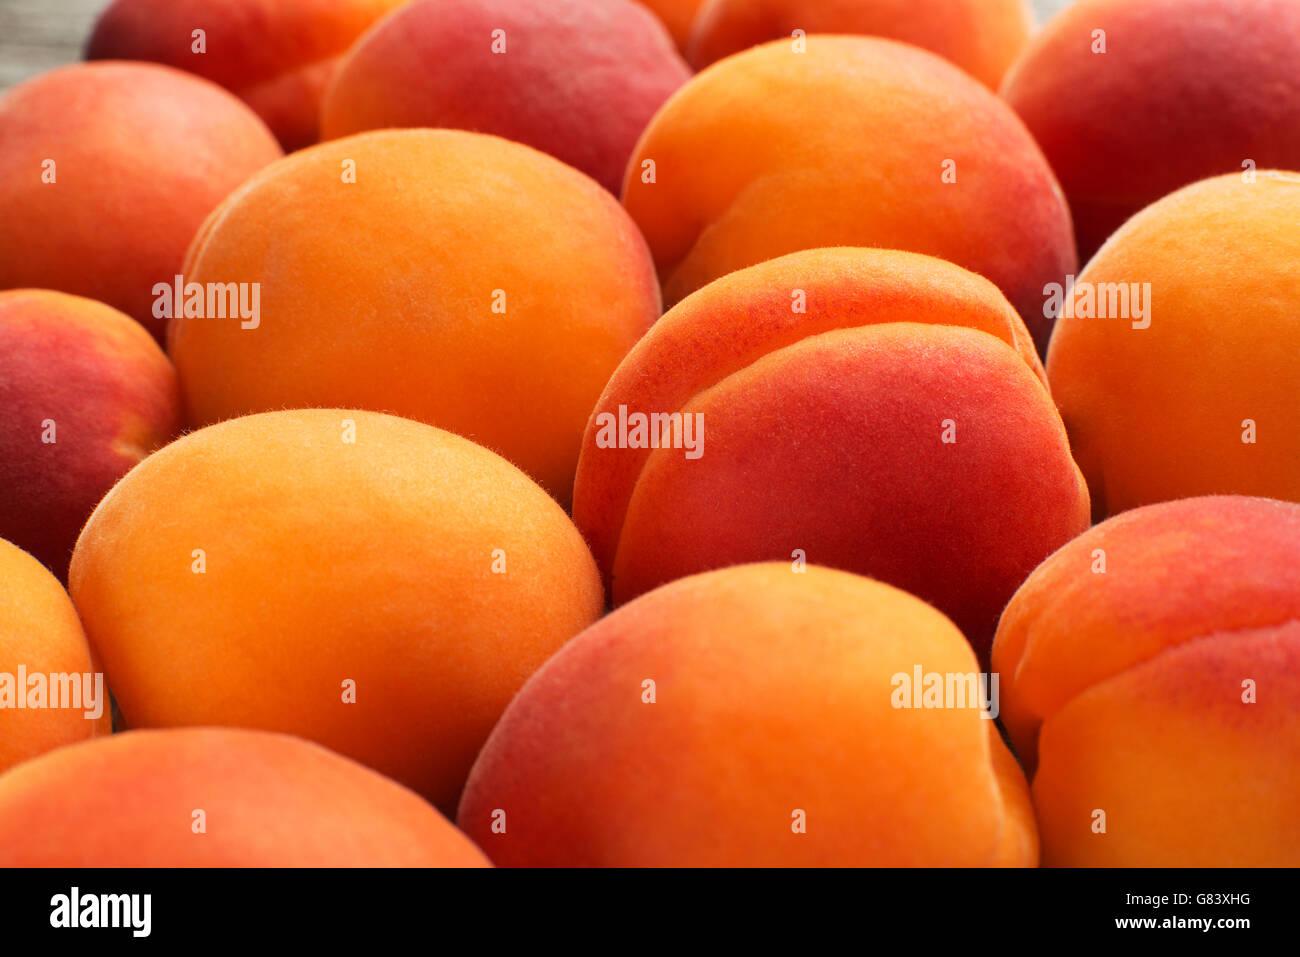 Frutas albaricoque fresco cerca de fondo Imagen De Stock